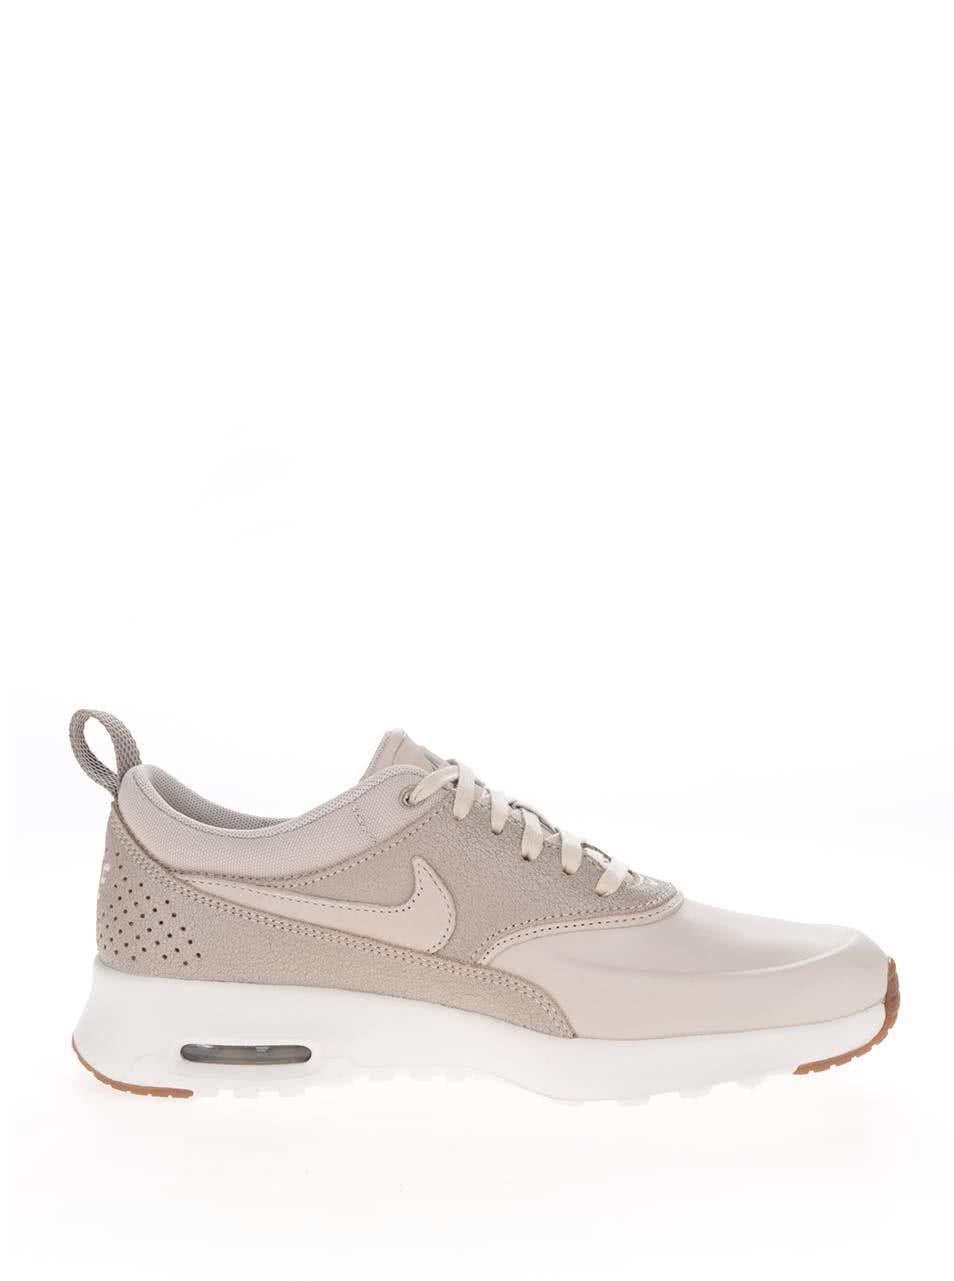 Béžové dámské kožené tenisky Nike Air Max Thea Premium ... 0a040daee8f